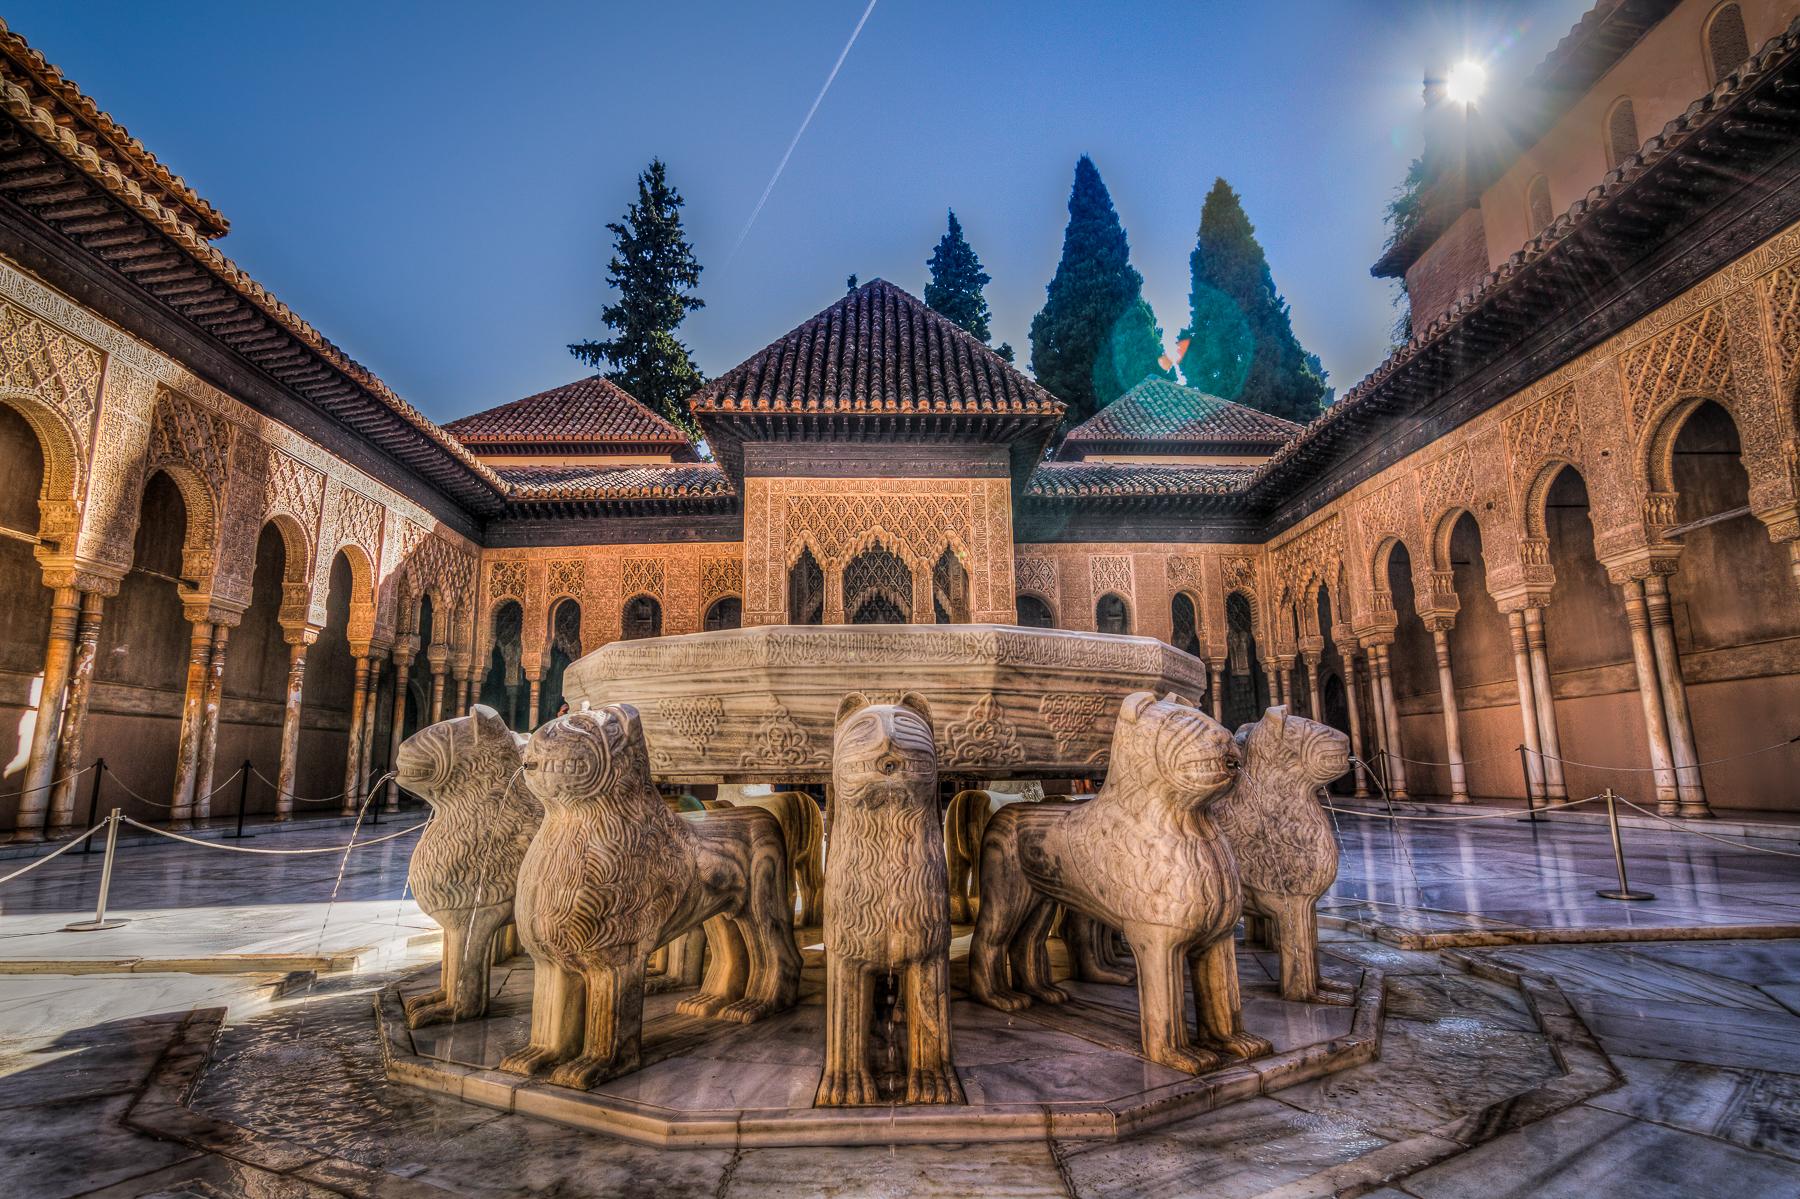 Patio de los Leones en la Alhambra, Ganada, España.